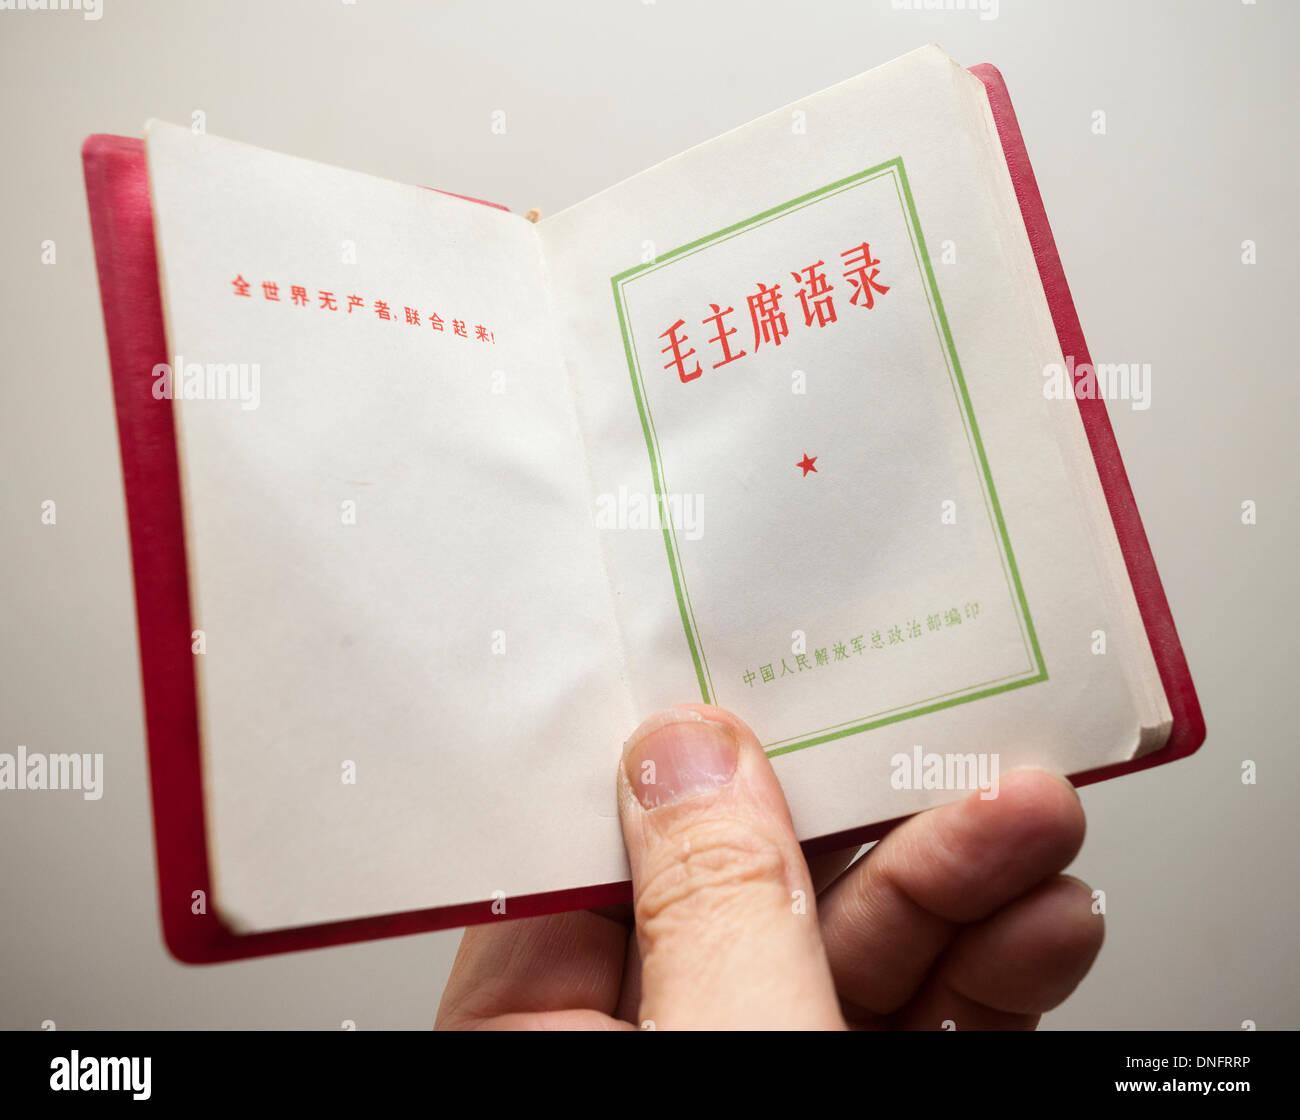 Un Exemplaire De Poche Vintage Le President Mao Zedong S